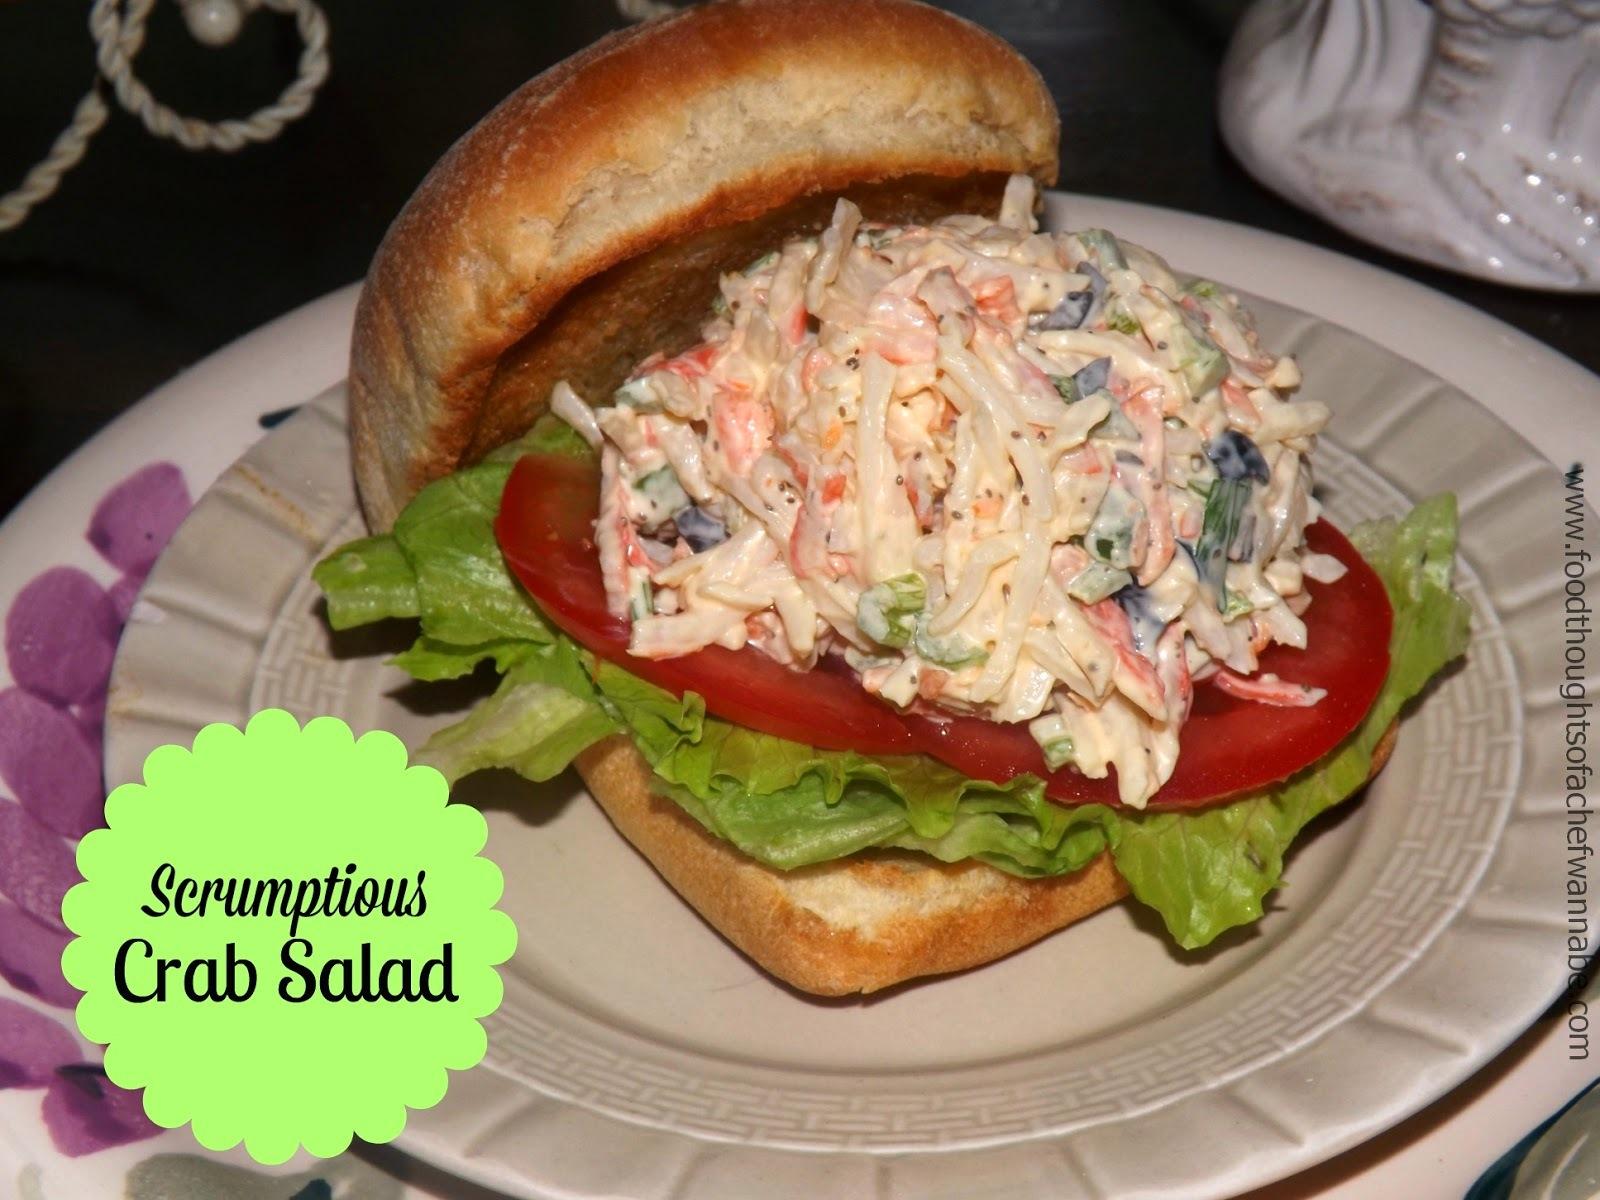 Scrumptious Crab Salad